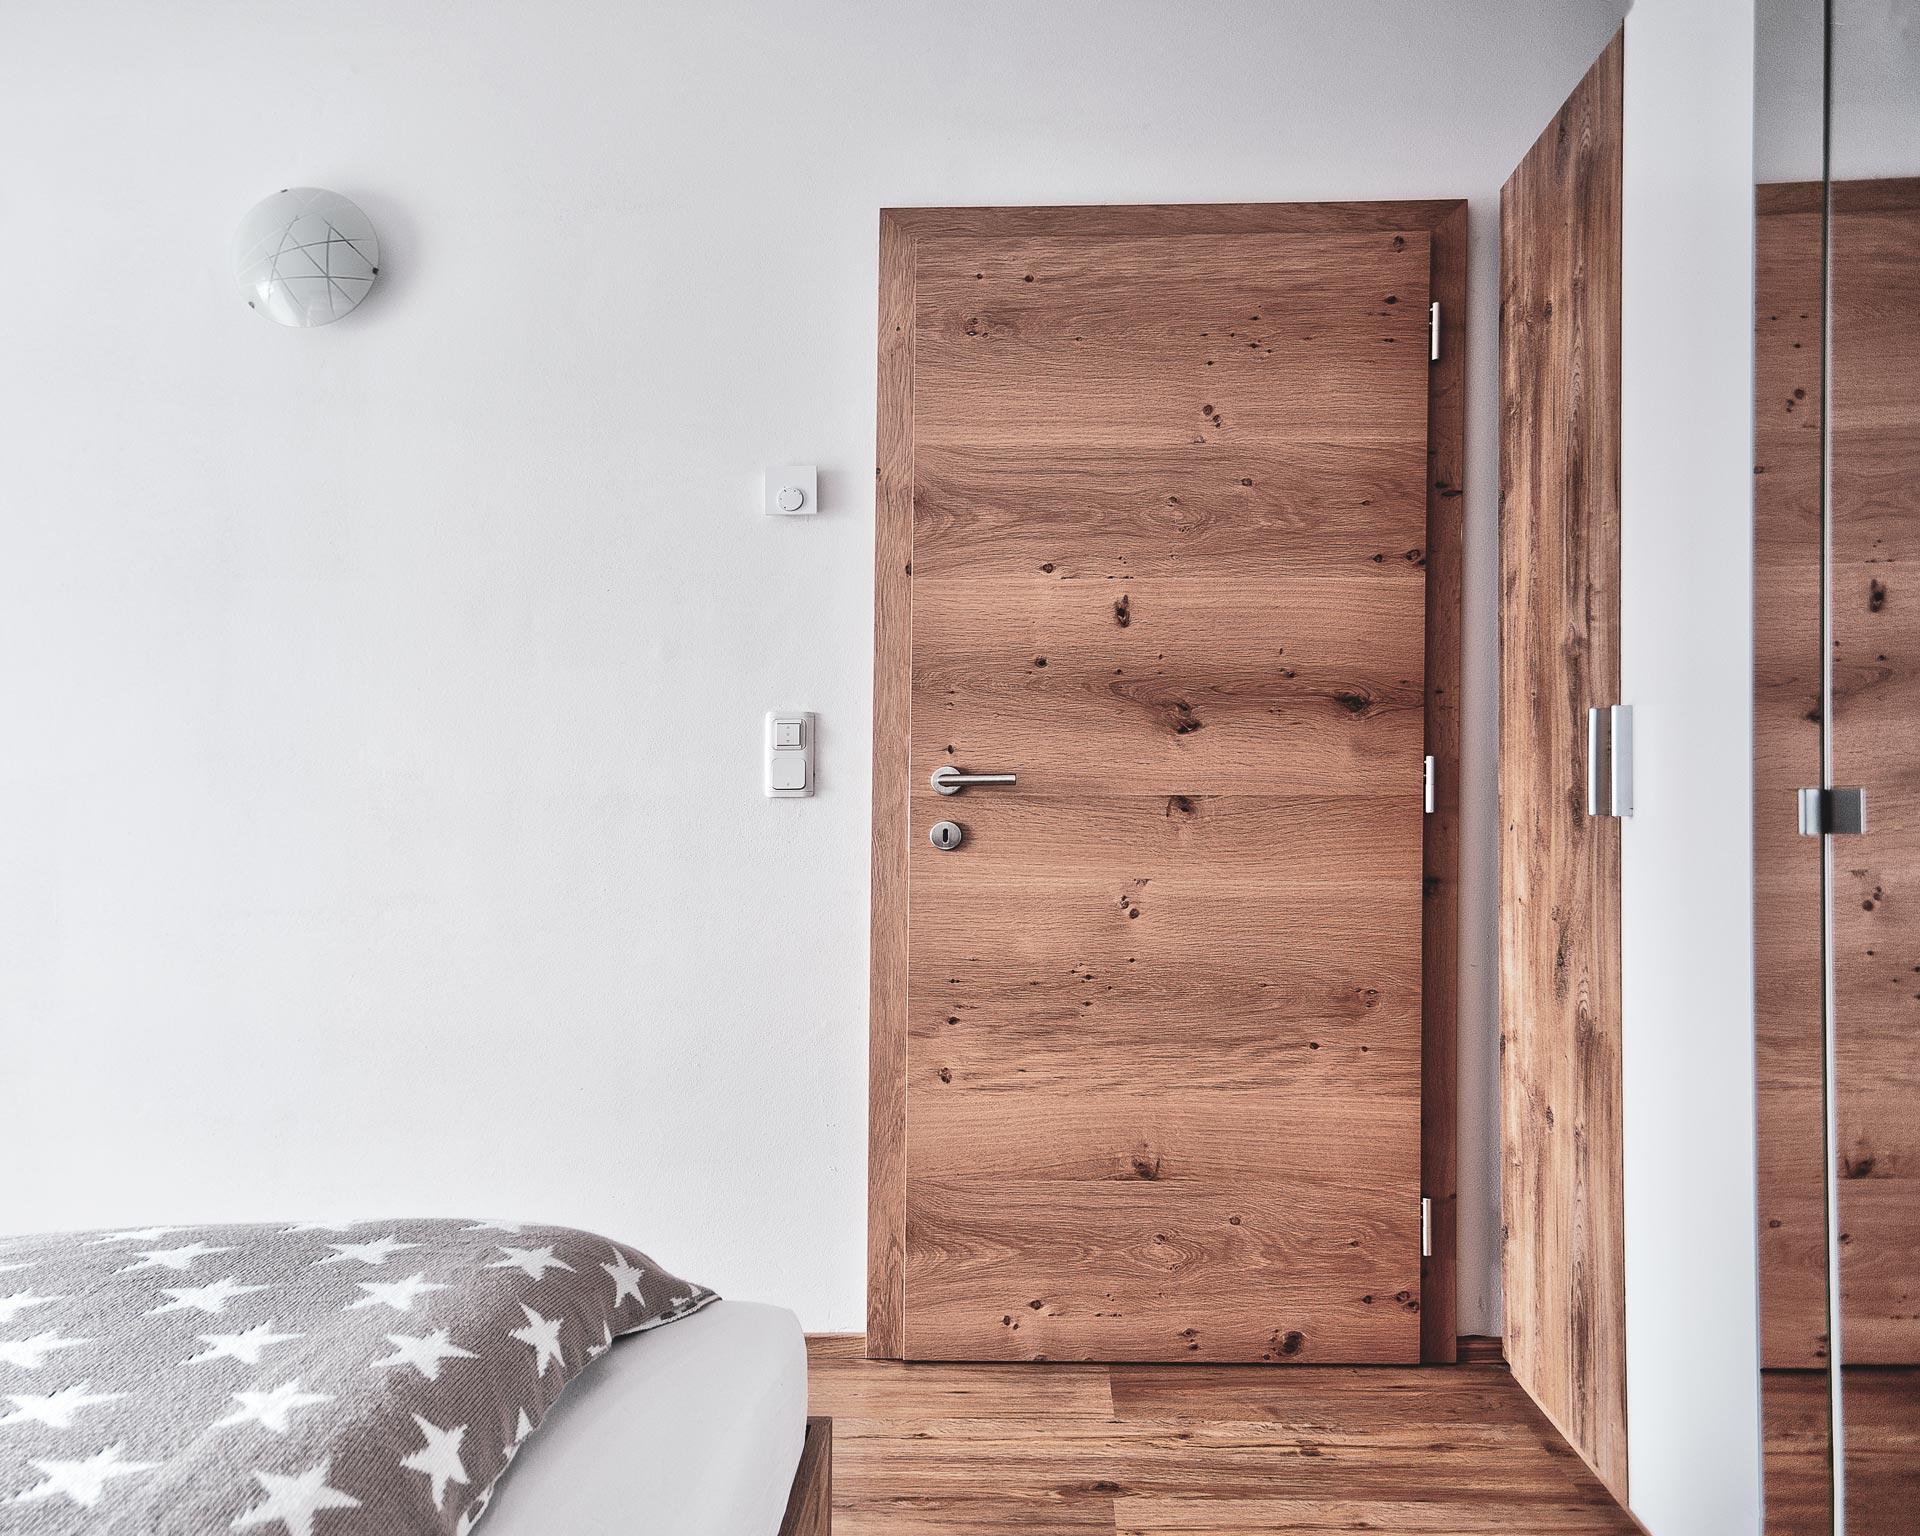 schlafzimmer appartement kematen pfarrwirt sand in taufers